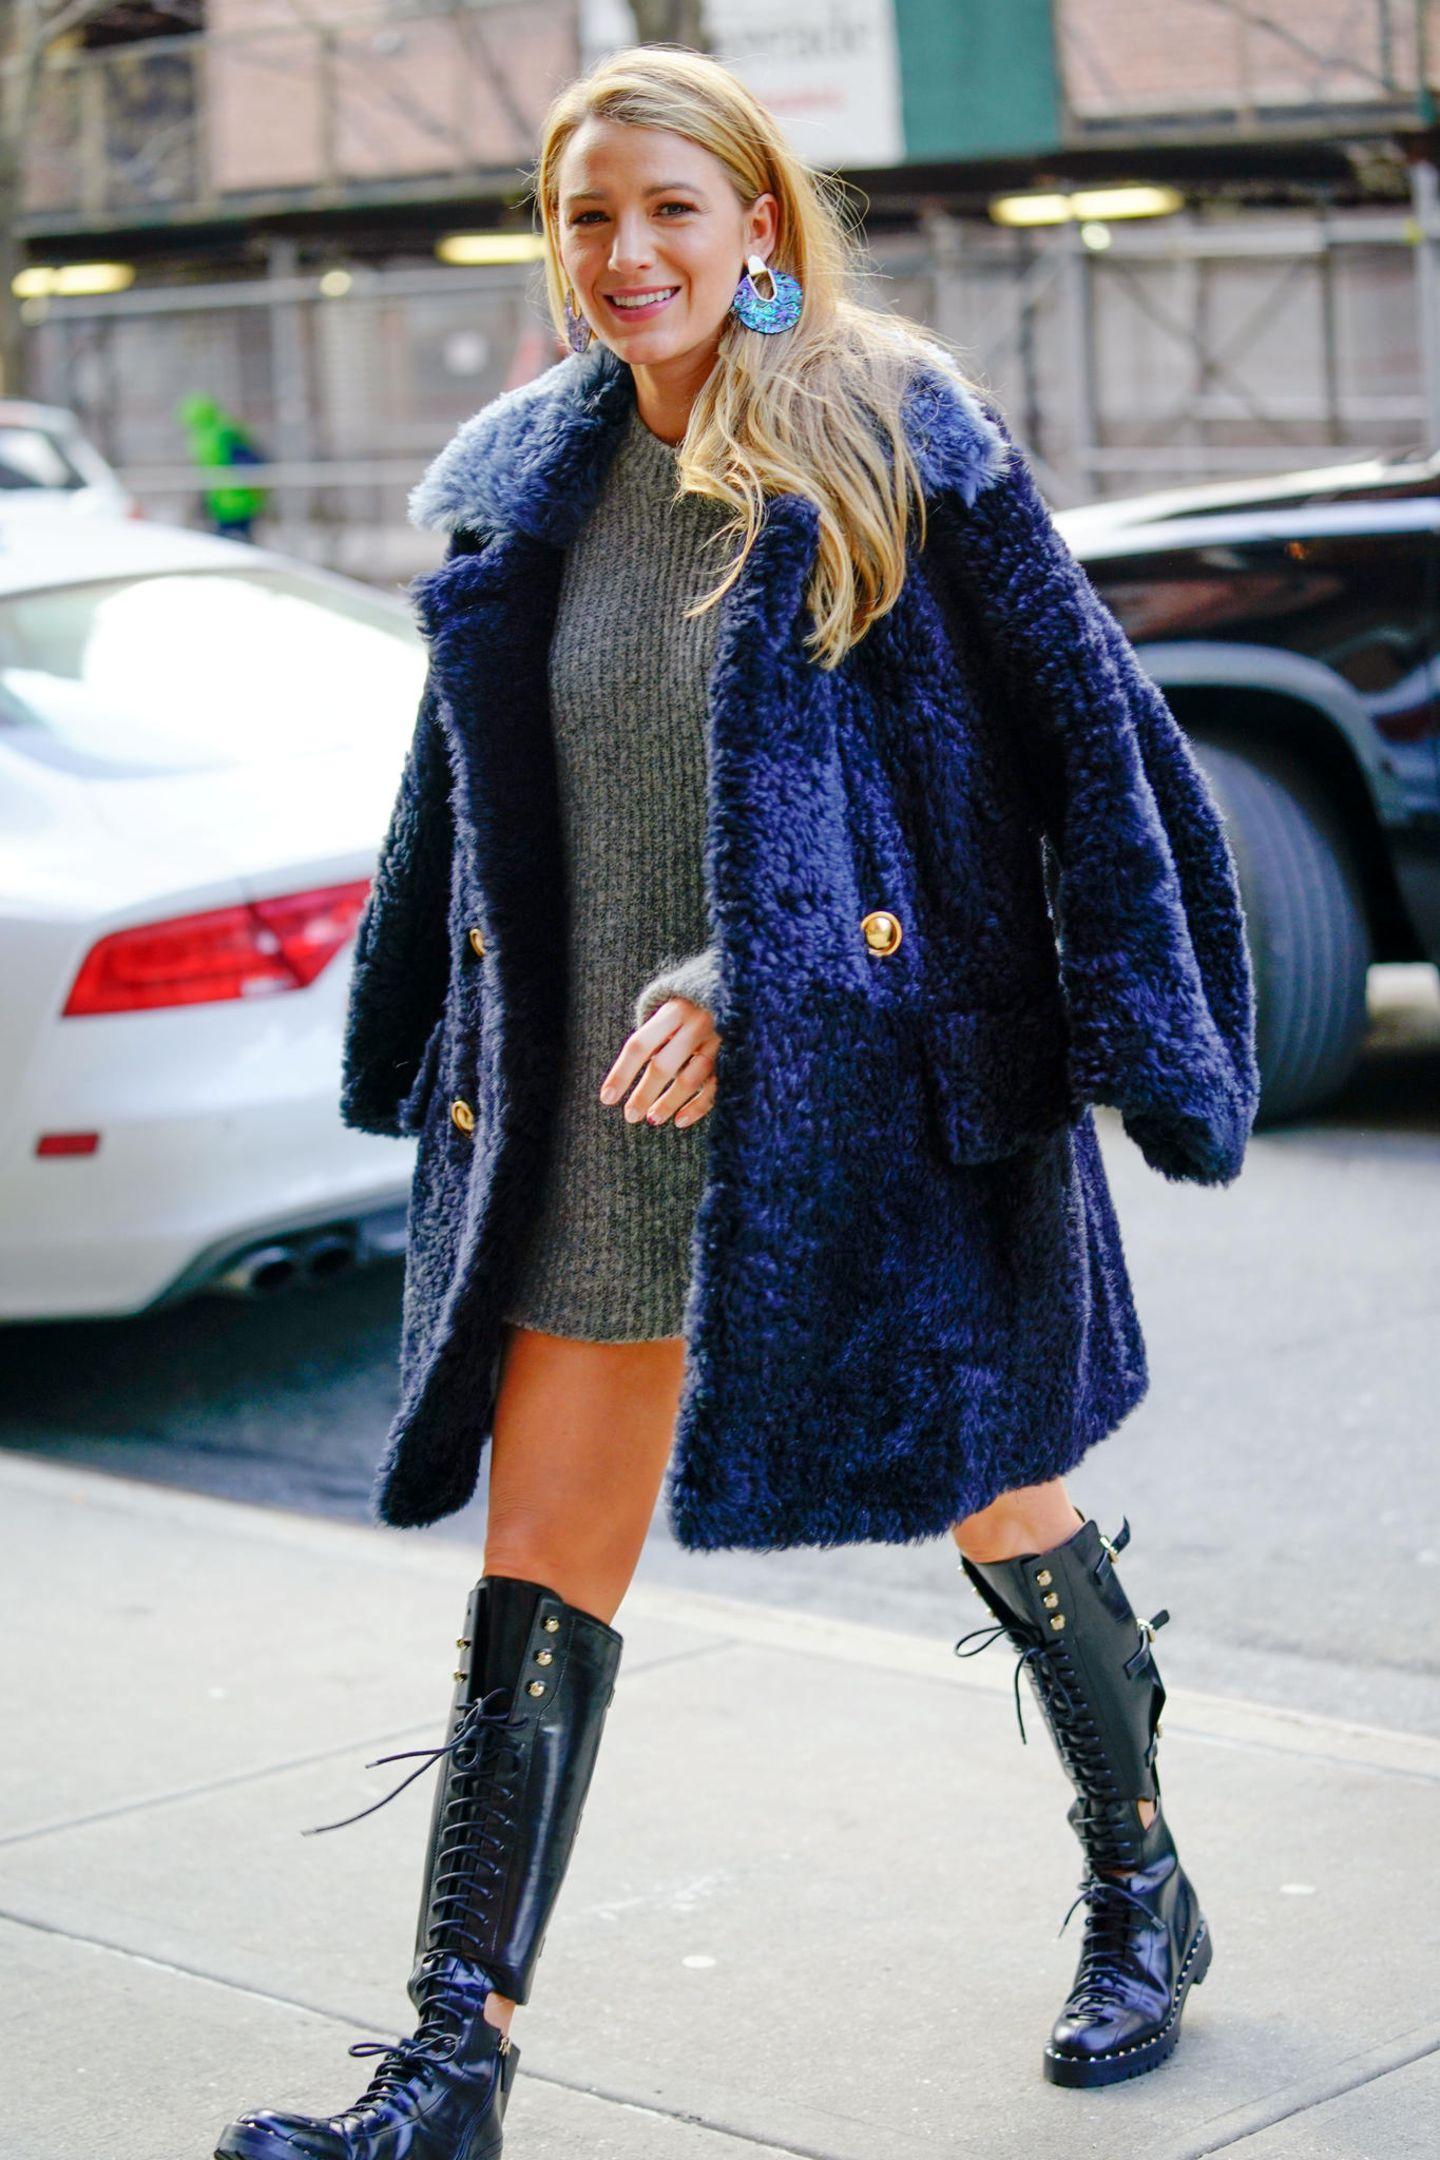 In letzter Zeit setzte die strahlende Frau von Ryan Reynolds immer wieder auf weite Strickkleider und dicke Jacken um den Blick auf ihre Körpermitte zu verschleiern. In einem XXL-Strickkleid von Haider Ackermann und coolen, schwarzen Boots von Valentino schafft sie es dennoch modisch auszusehen. Den kuscheligen Mantel von Burberry wirft Blake Lively sich lässig über die Schultern.